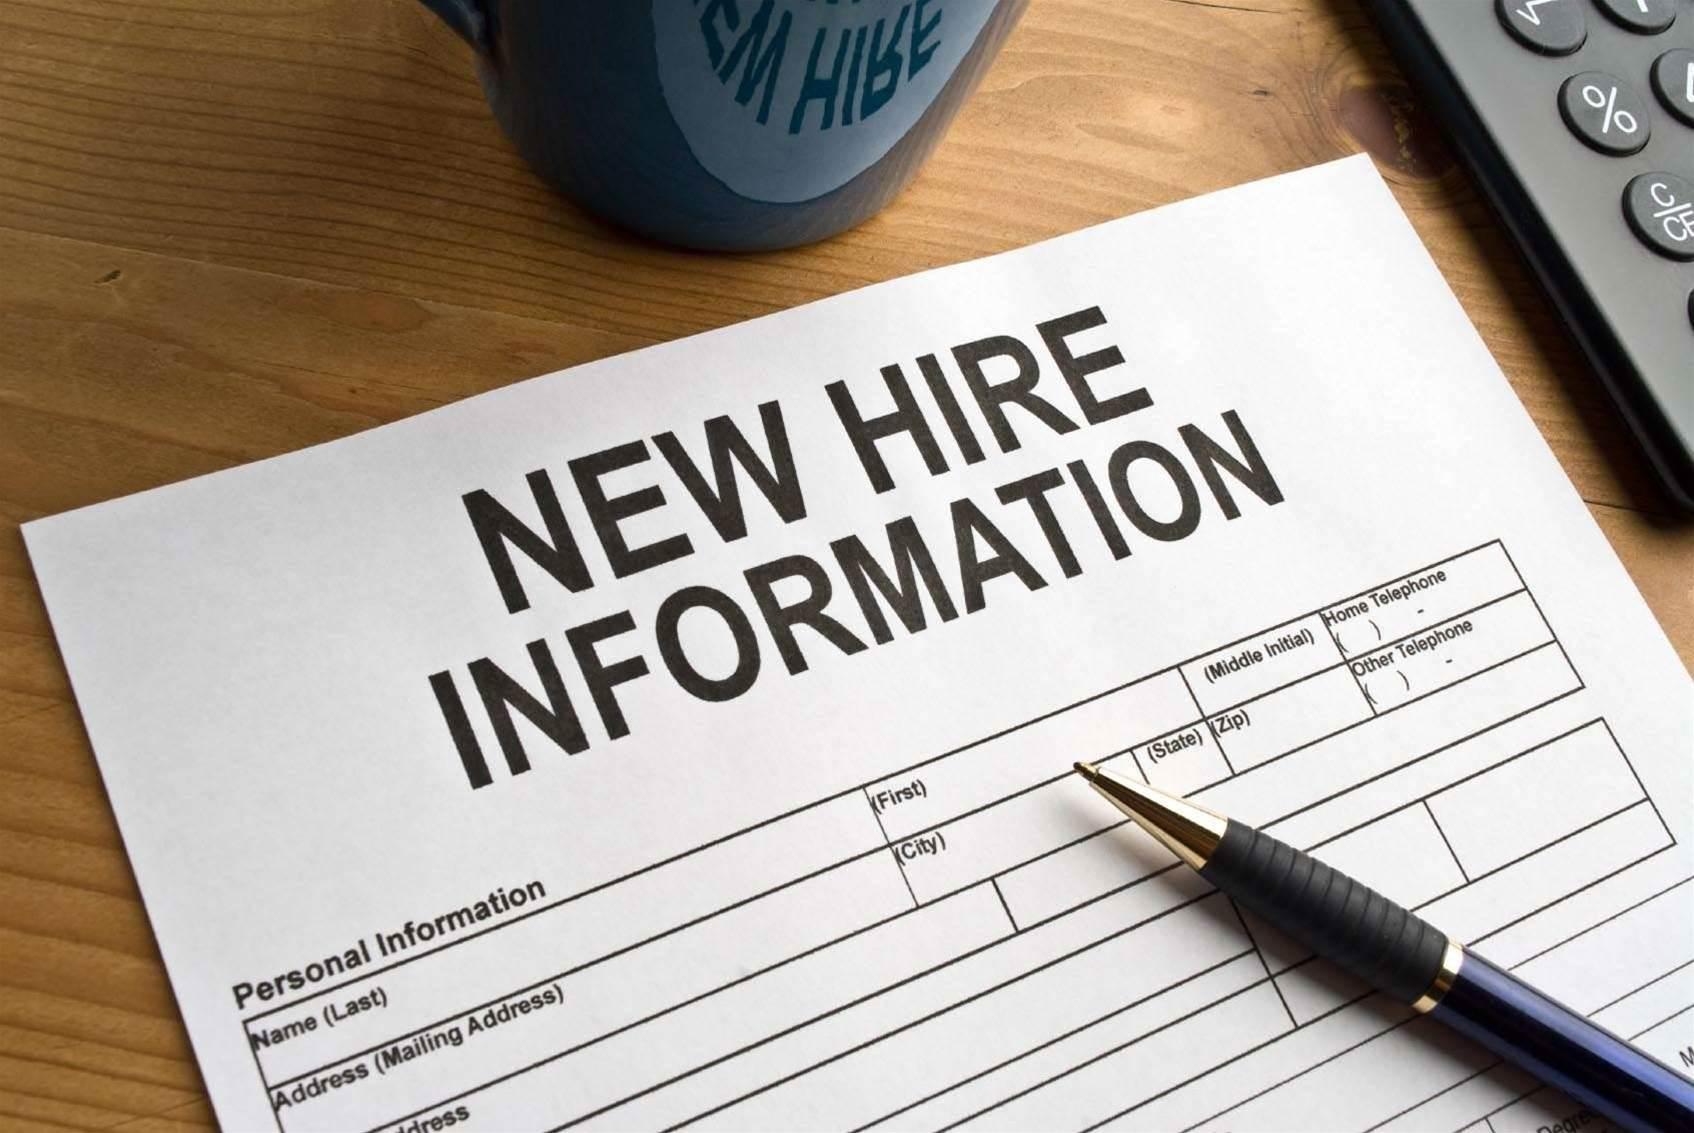 Turnbull's department hires new CIO